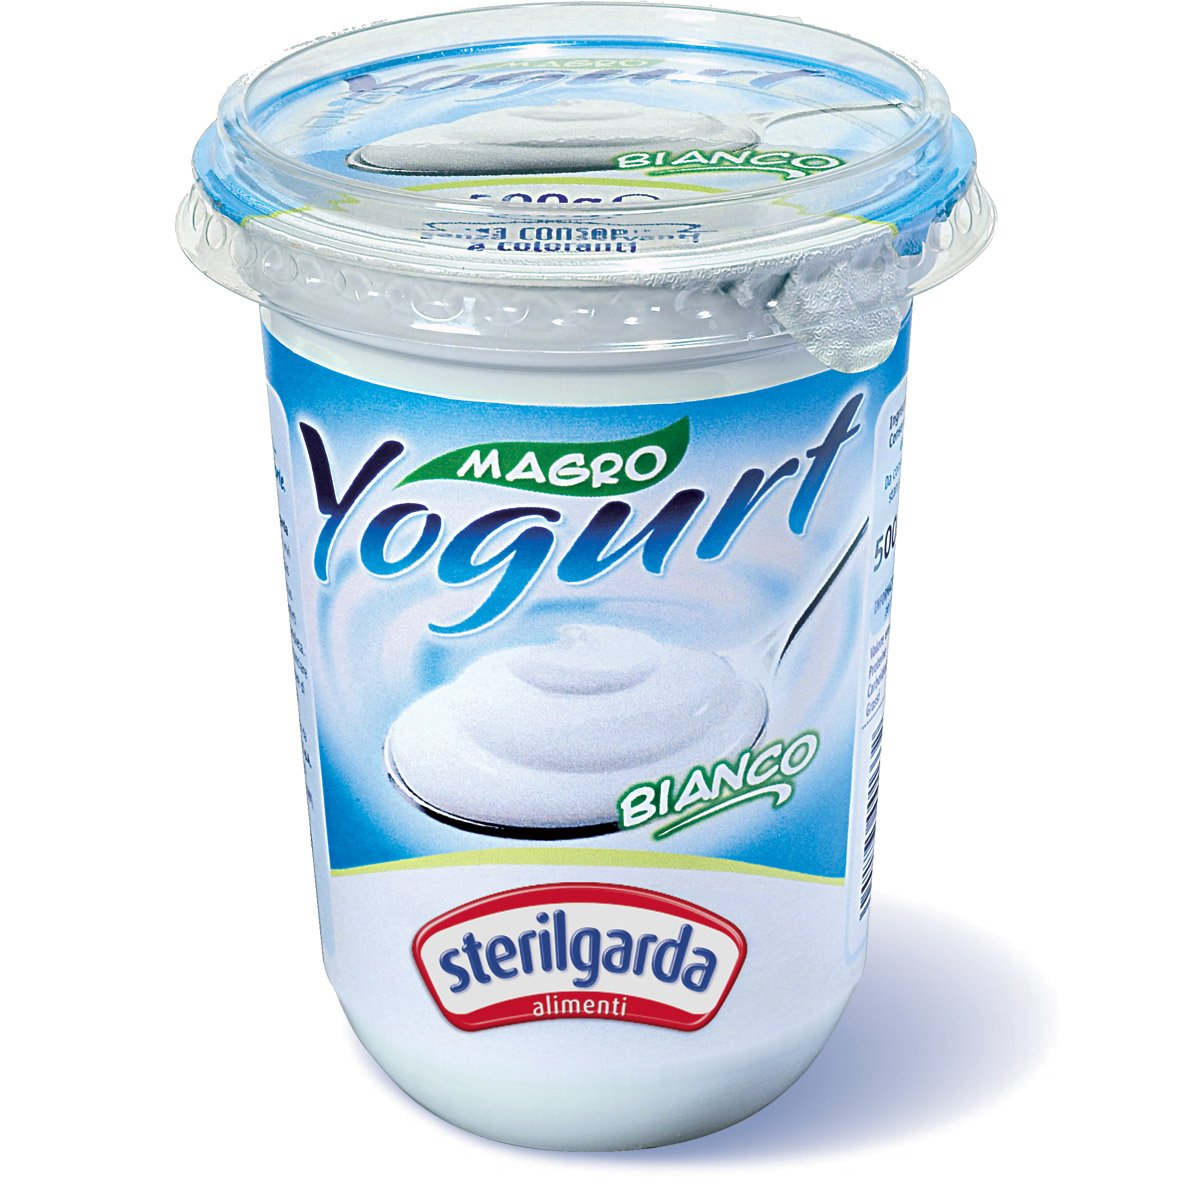 Confezione di yogurt bianco magro